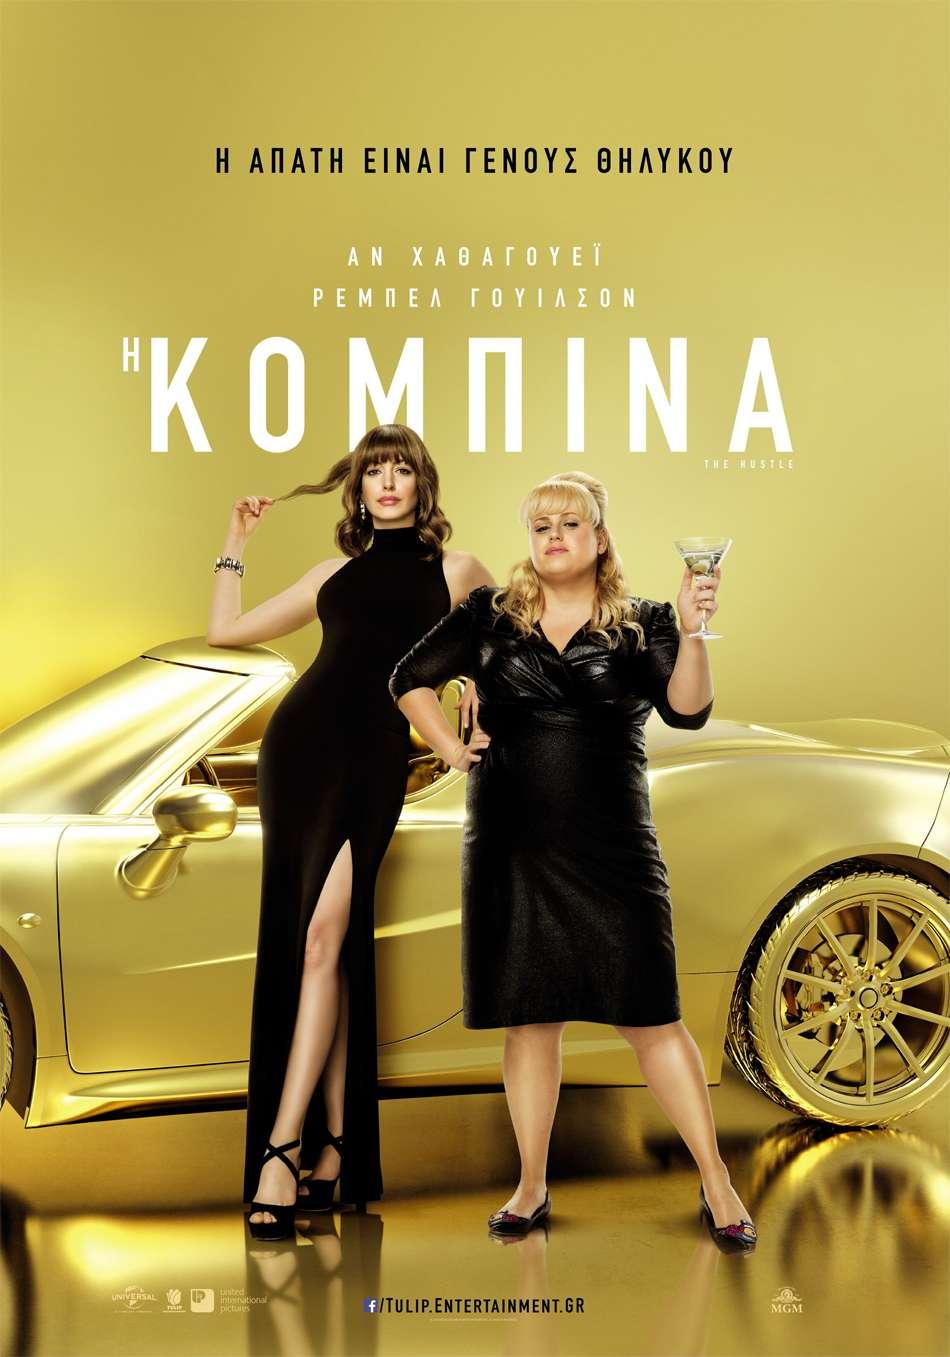 Η Κομπίνα (The Hustle) Poster Πόστερ